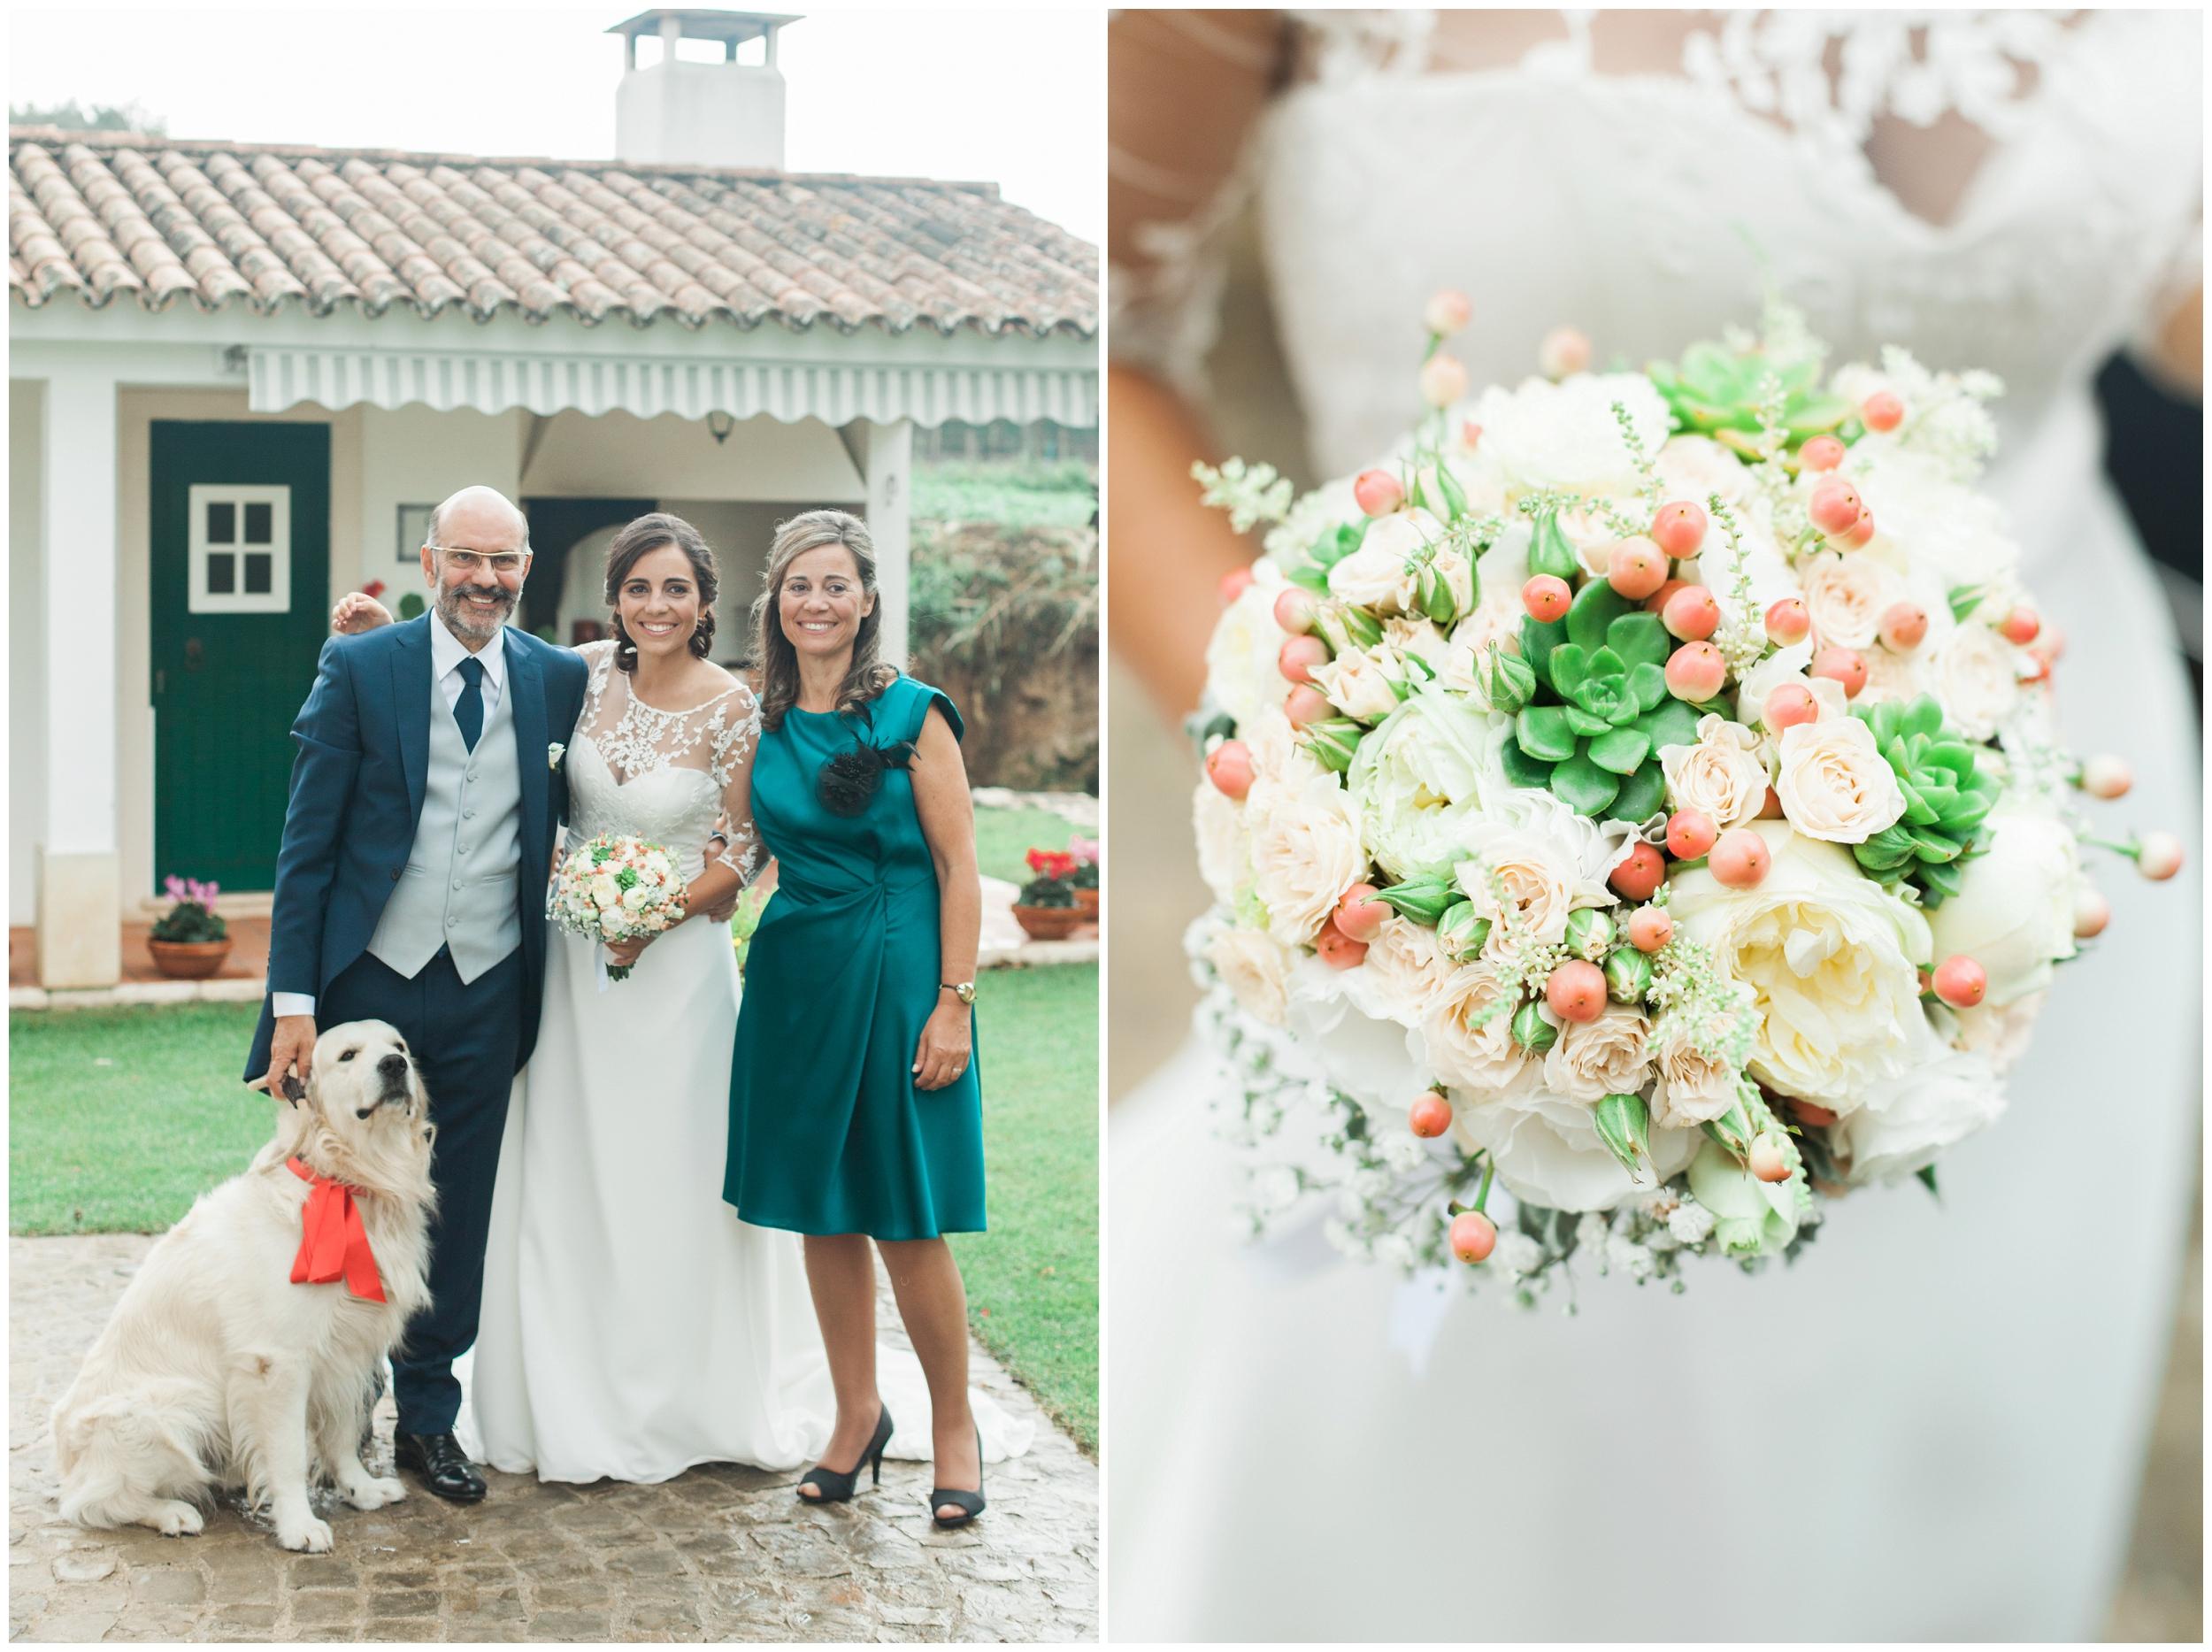 mariarao+wedding+photographer+cascais_0389.jpg